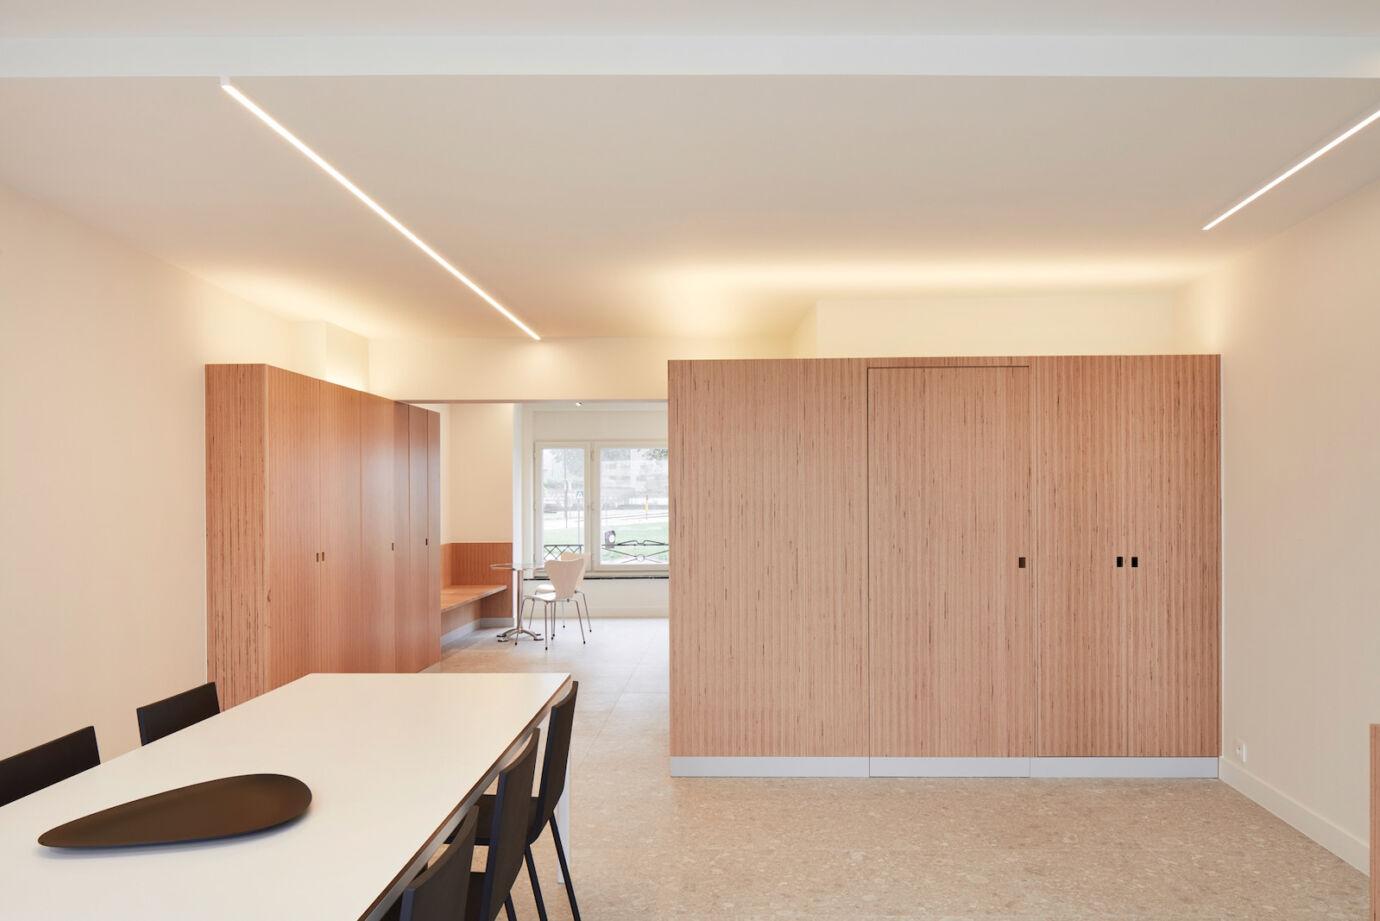 Witblad interieur architectuur 4 Bob Bulcaen